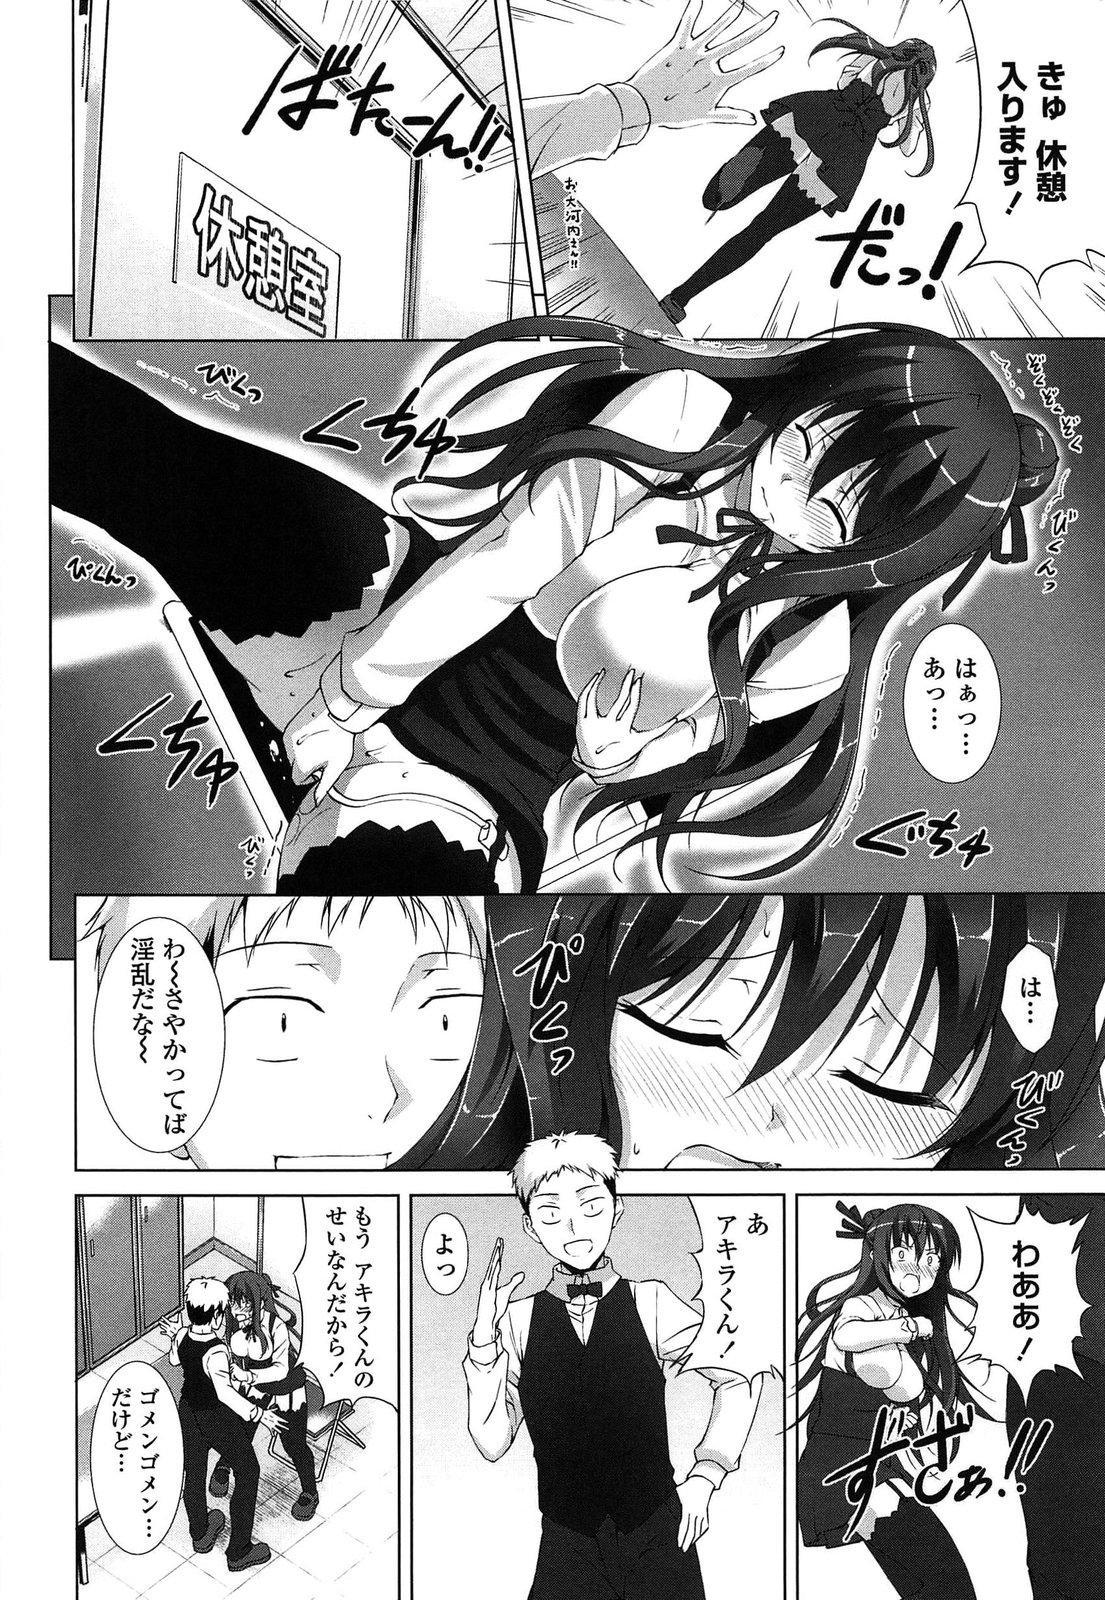 Itsu Sex Suru no, Ima Desho! 36